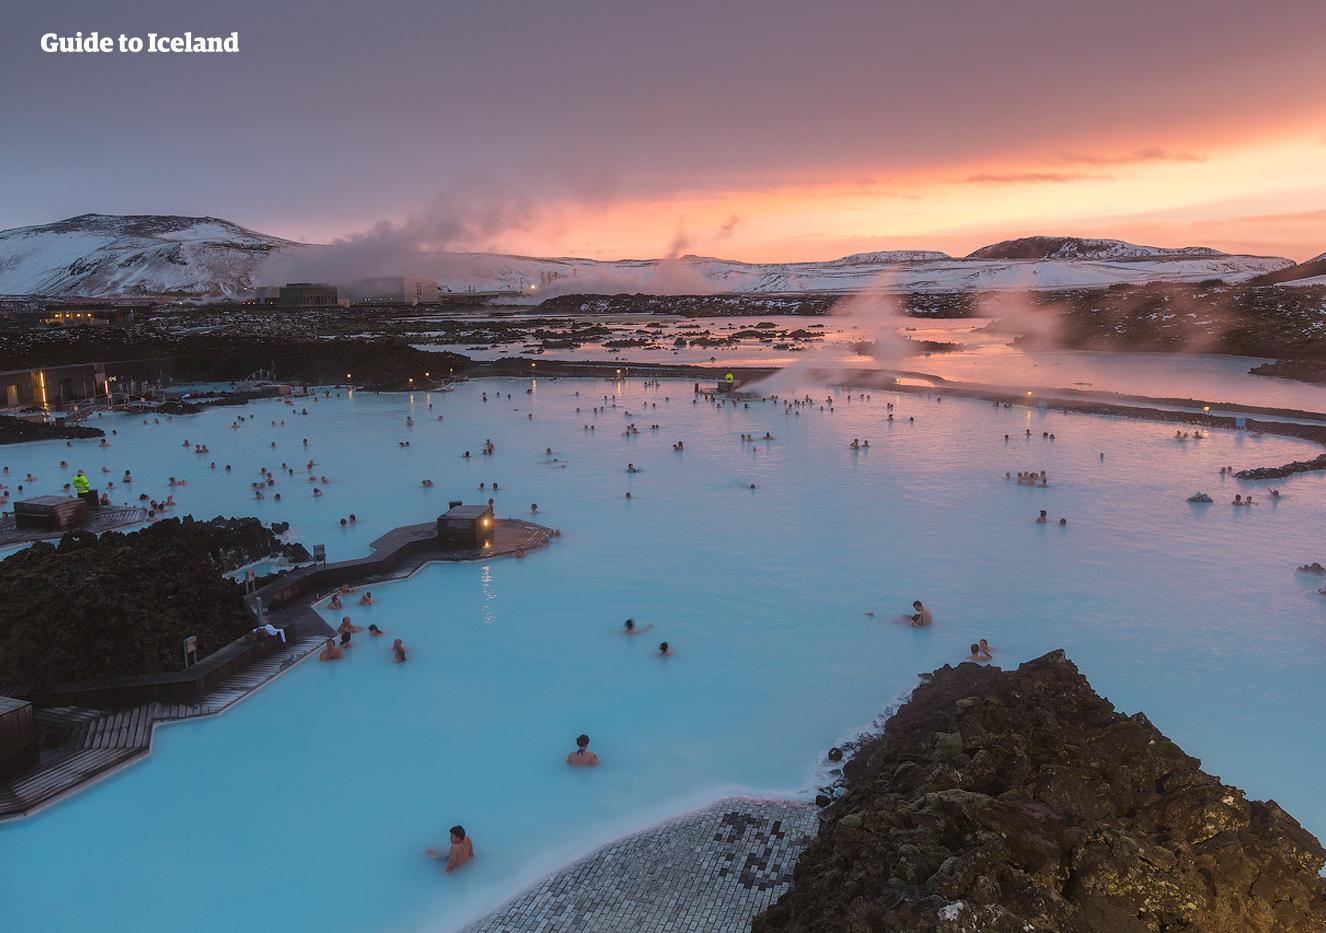 Wody geotermalne Błękitnej Laguny są bogate w minerały, które z pewnością relaksują po długiej podróży.